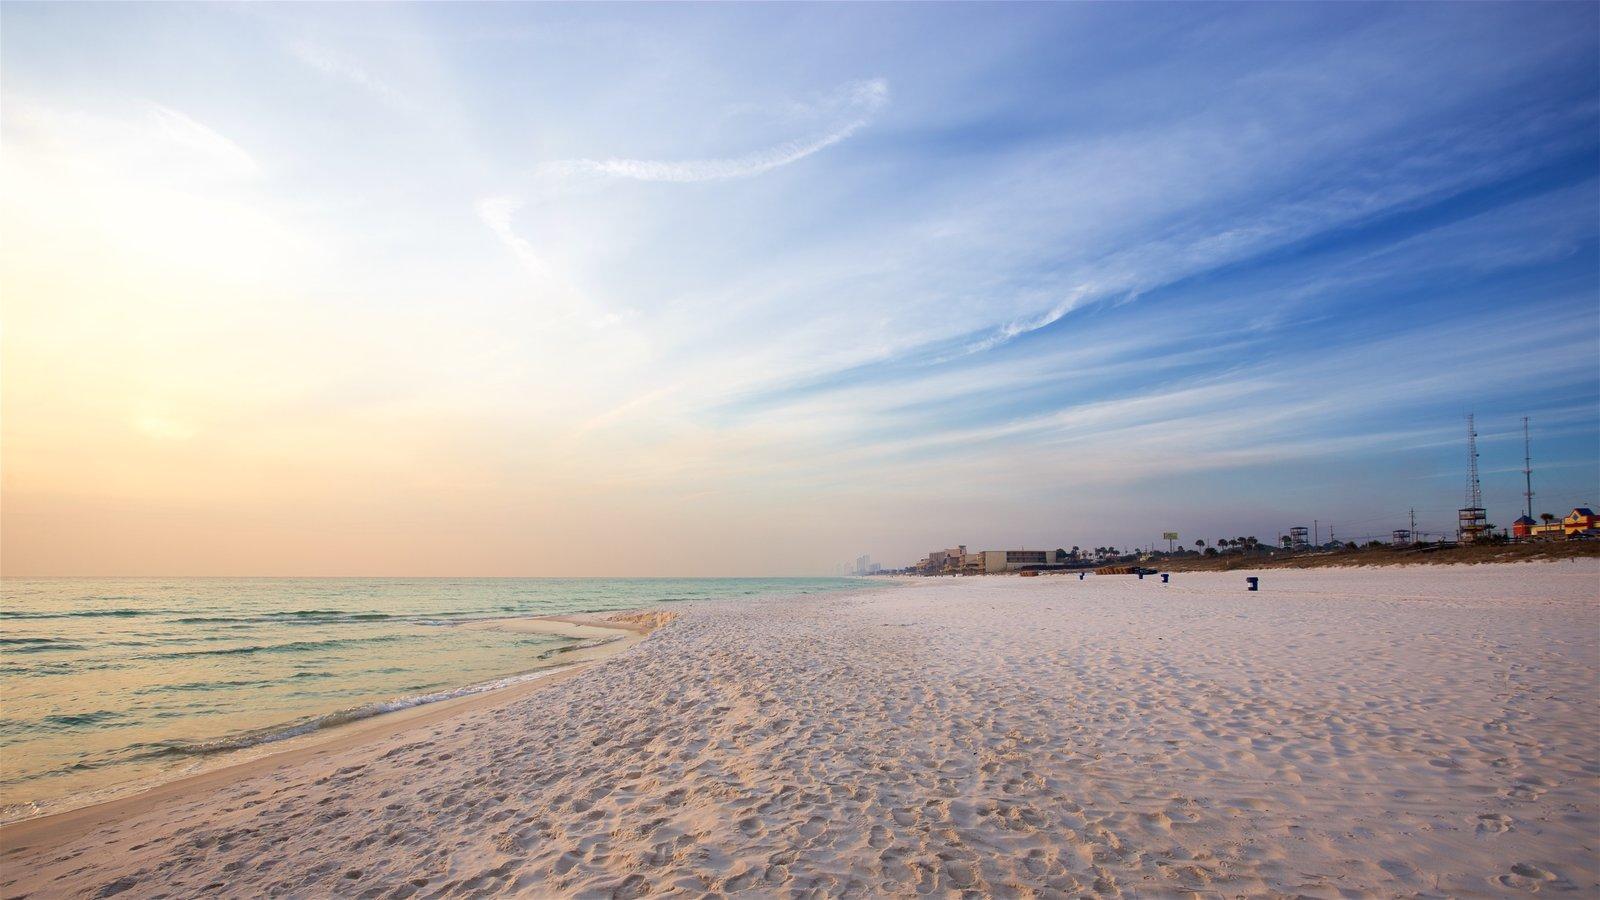 Panama City Beach mostrando um pôr do sol, paisagens litorâneas e uma praia